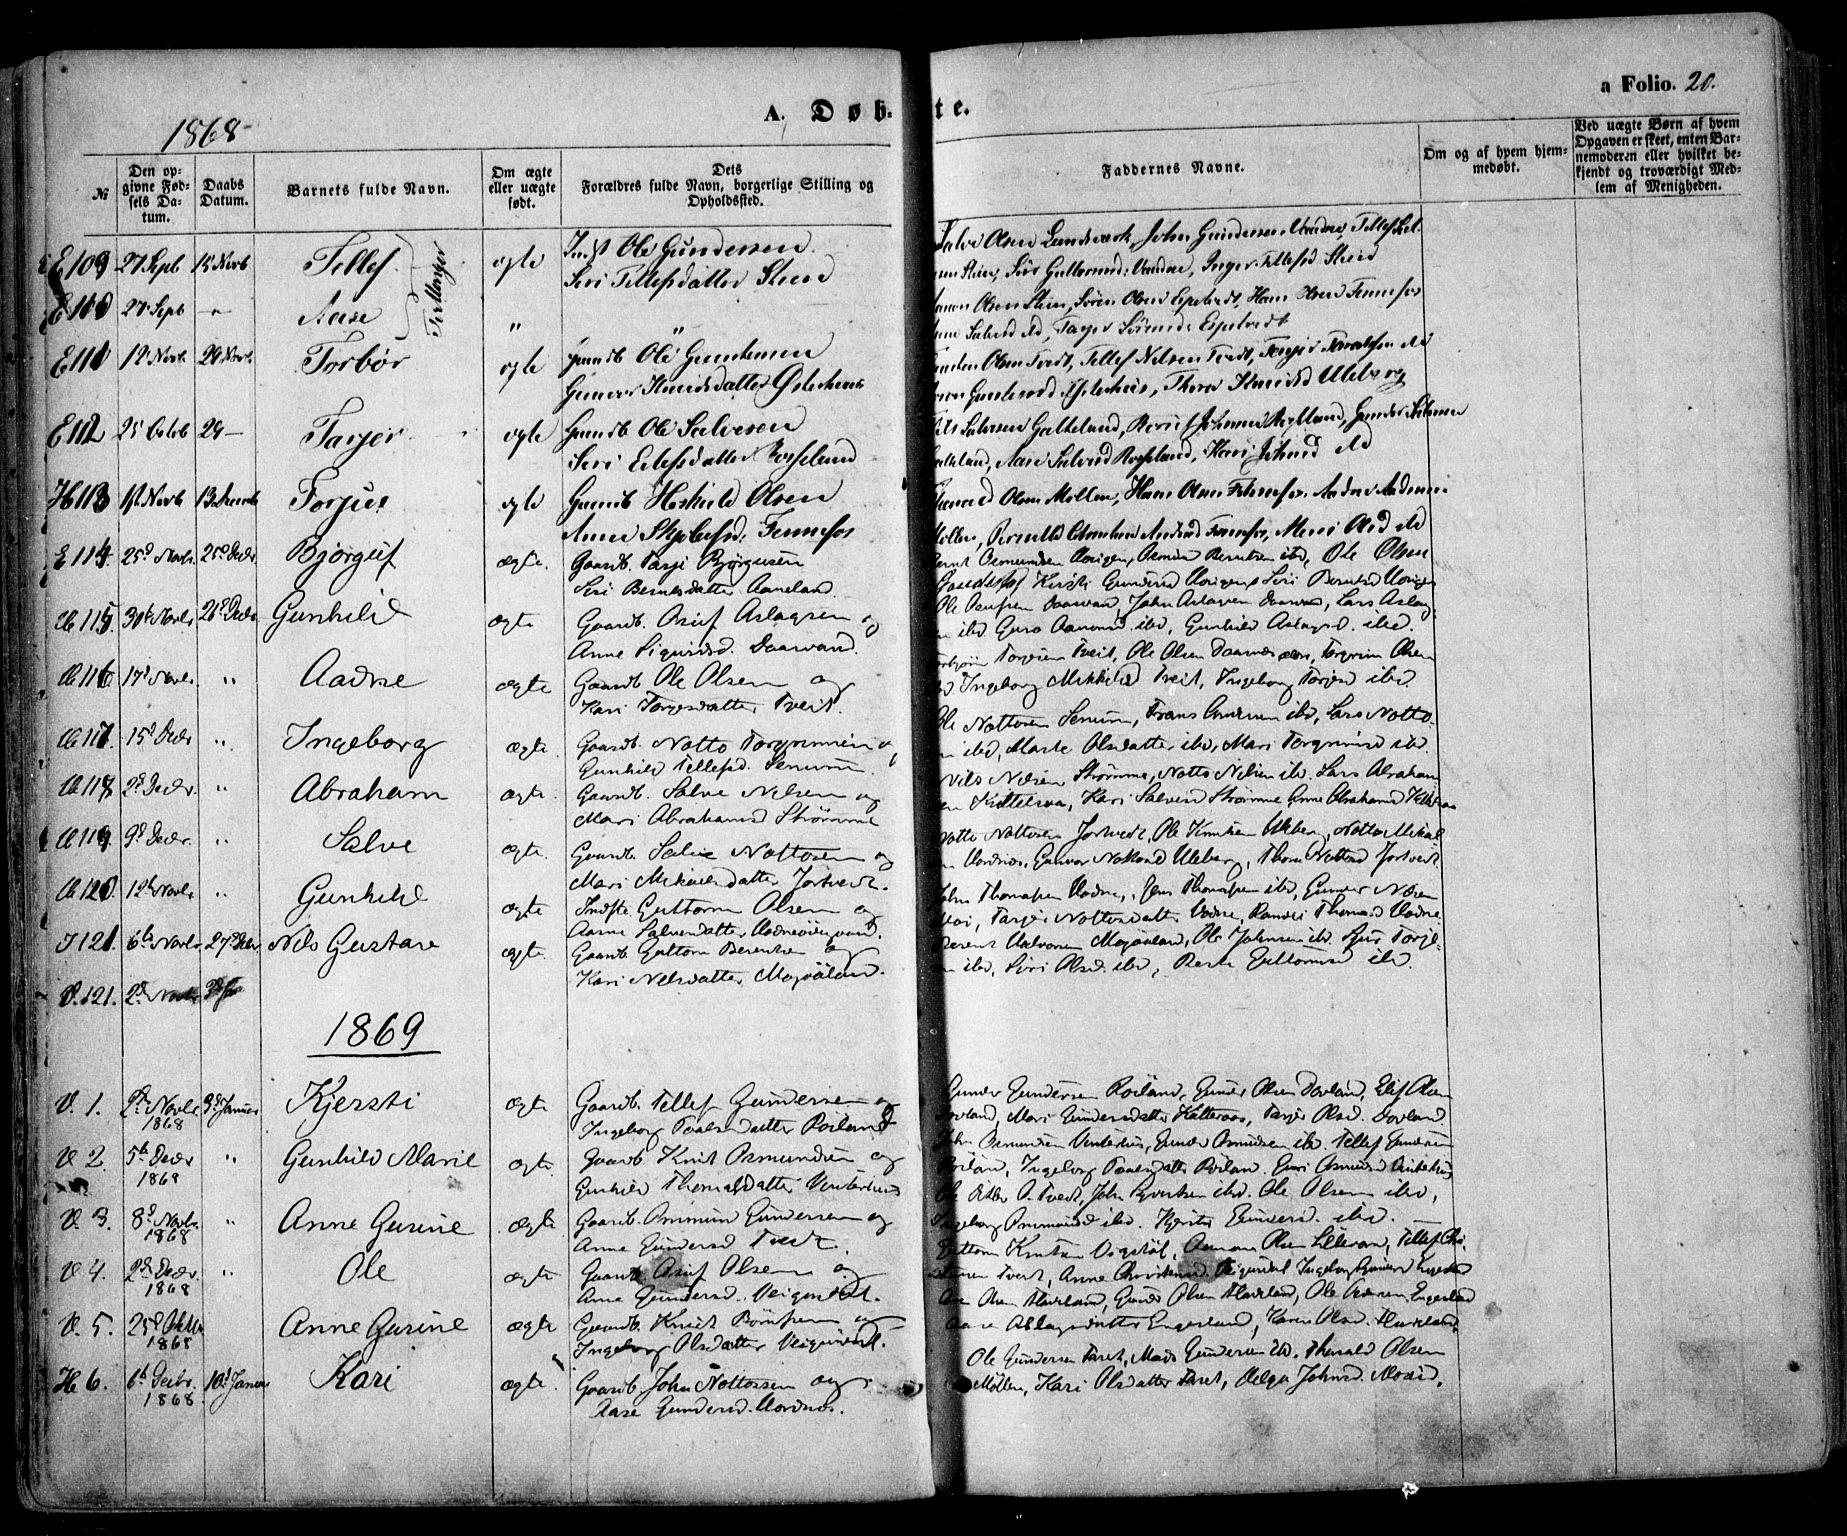 SAK, Evje sokneprestkontor, F/Fa/Faa/L0006: Ministerialbok nr. A 6, 1866-1884, s. 20